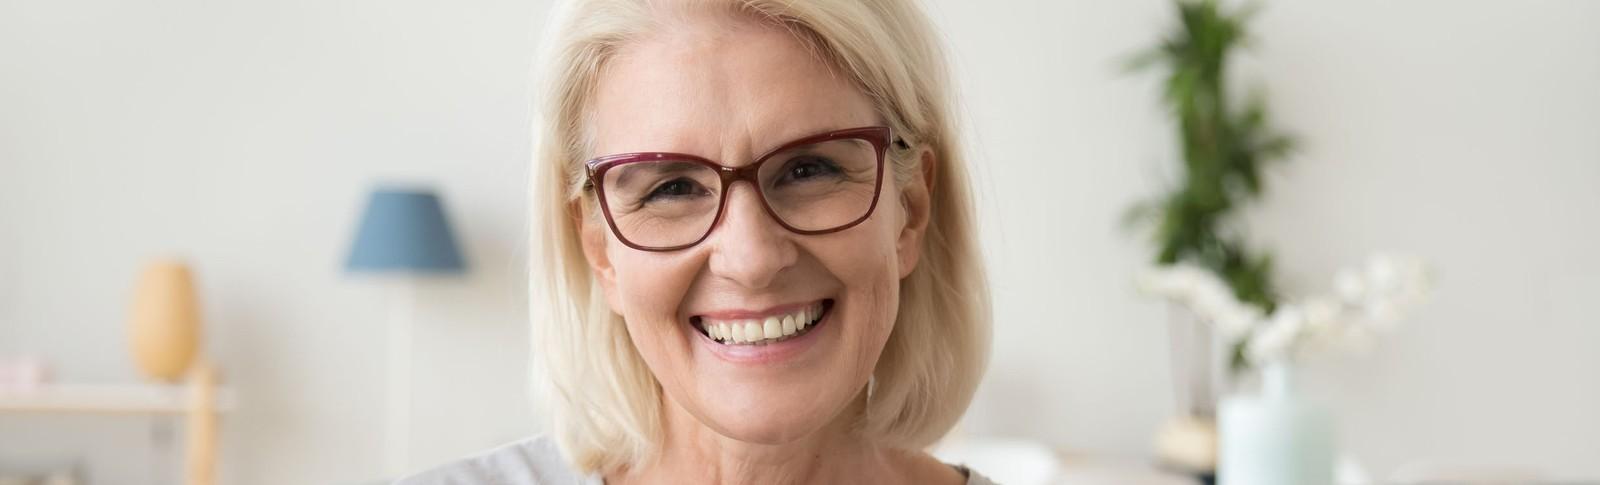 Blonde Frau mit Brille kann nach Unterspritzung der Nasolabialfalte wieder freudig lächeln